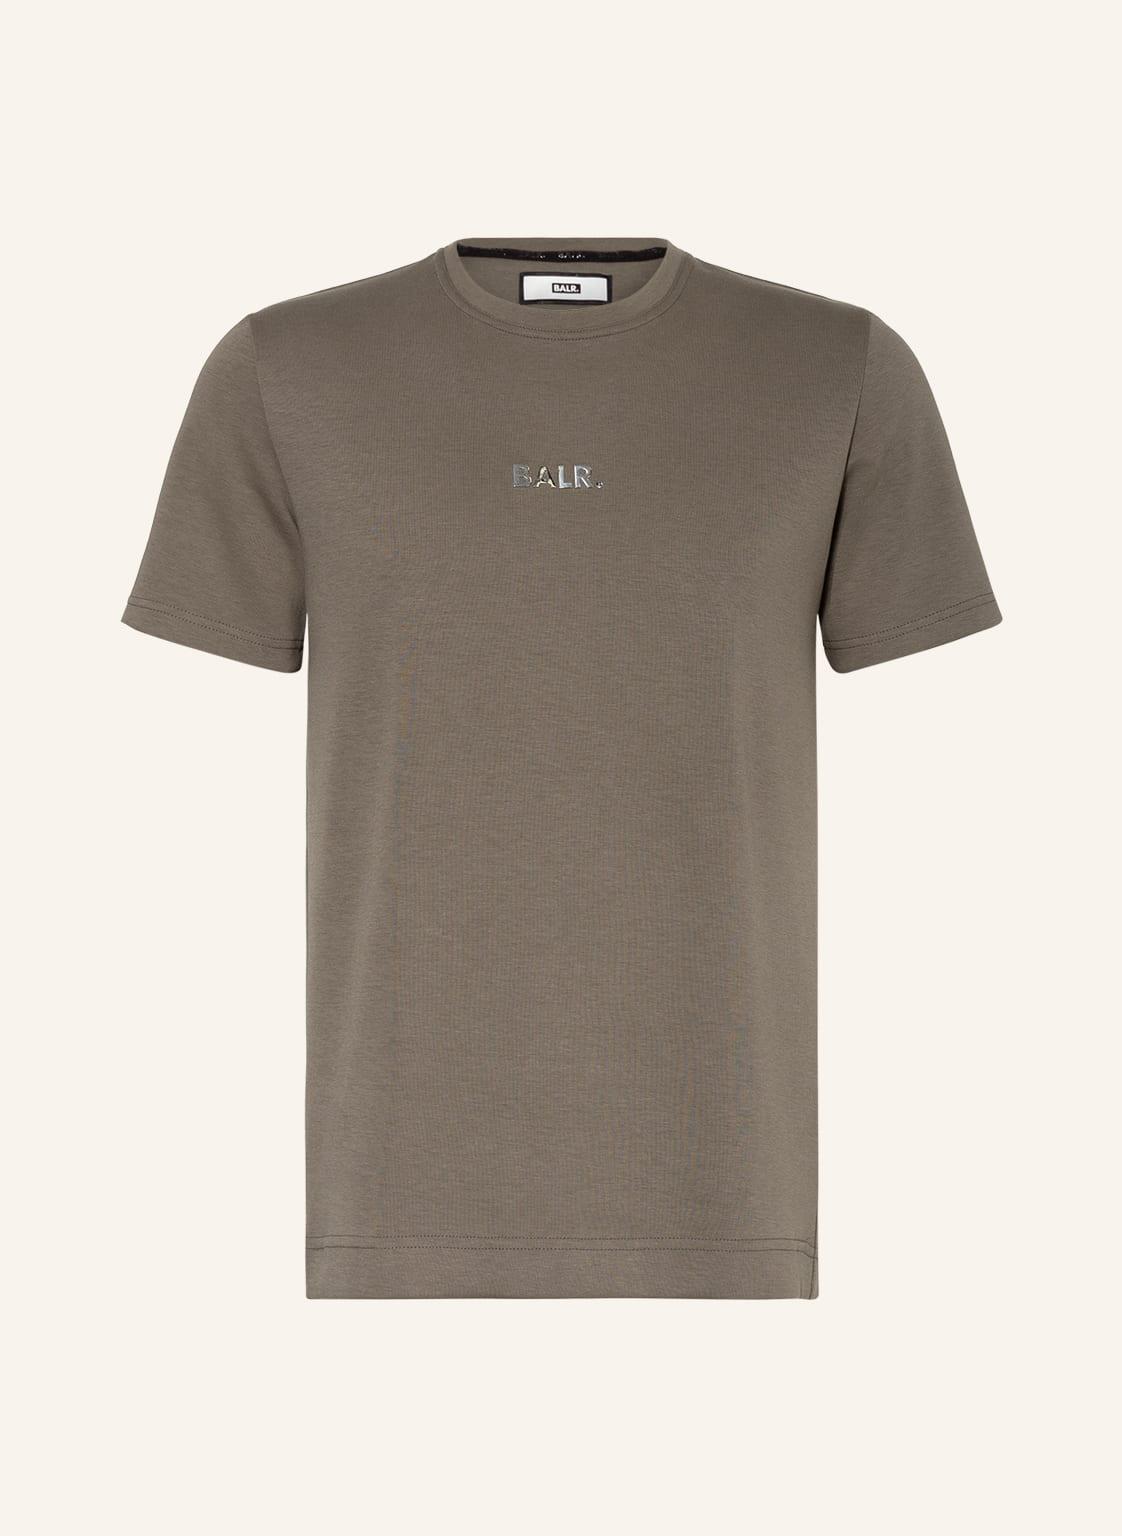 Image of Balr. T-Shirt gruen